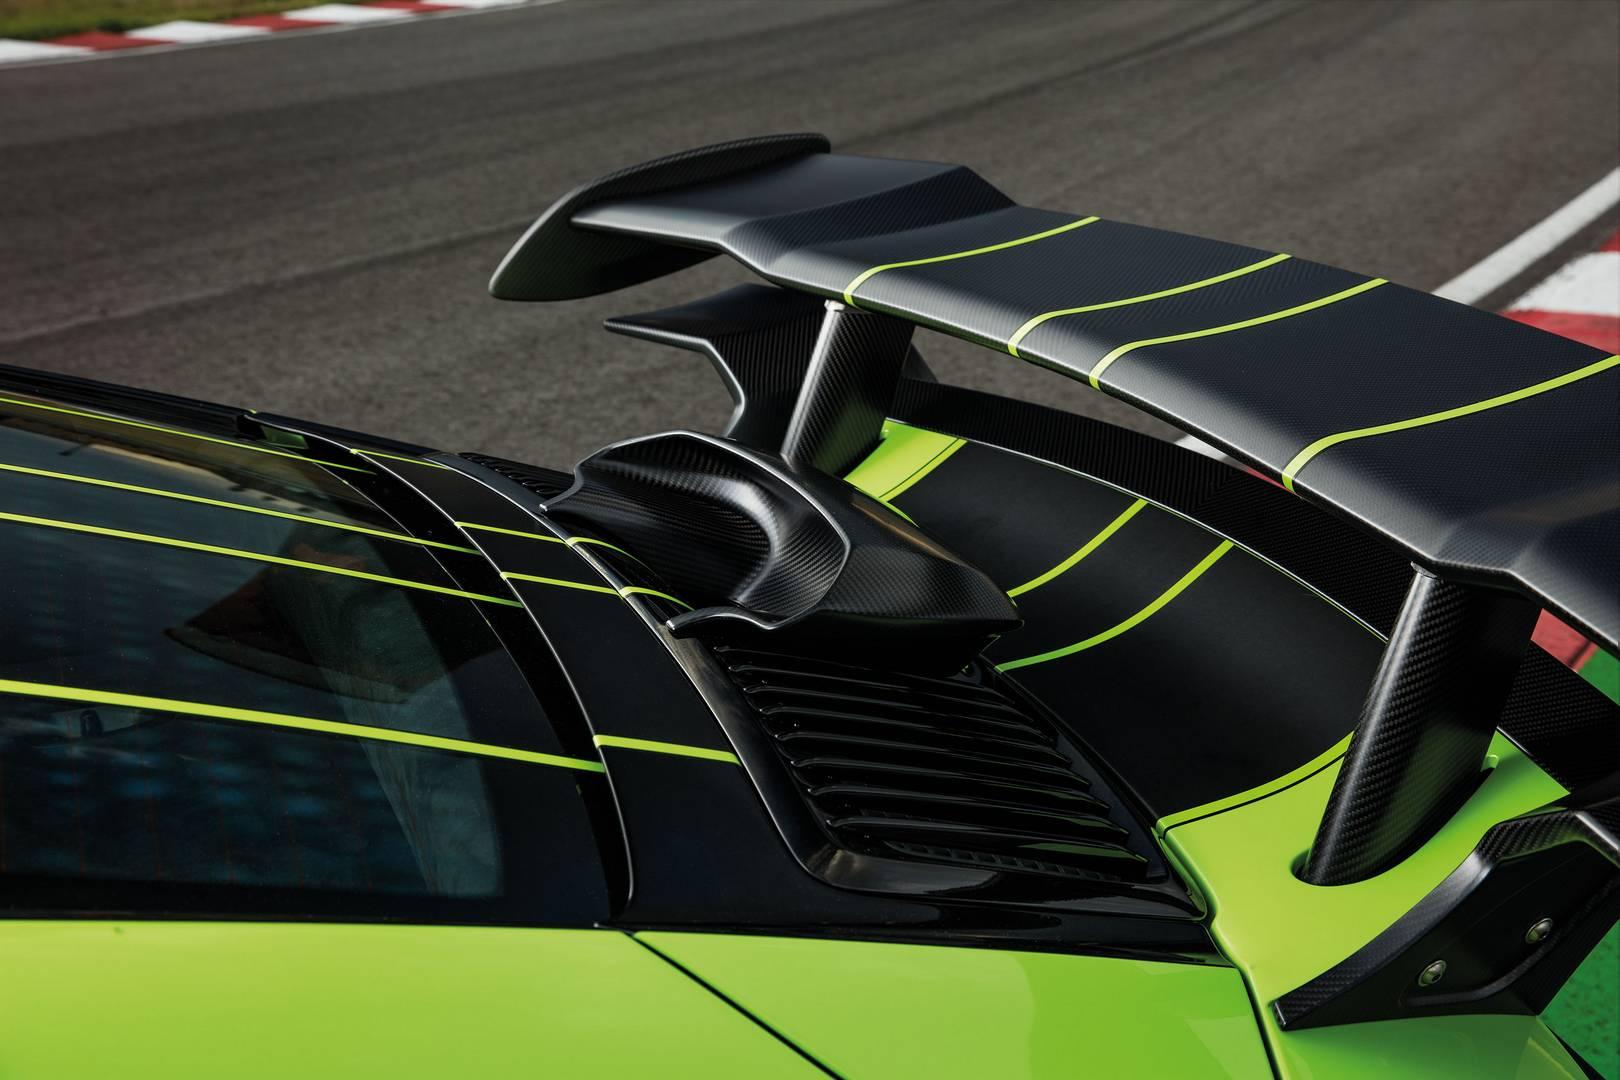 媲美GT3 RS720匹保时捷 GT street R